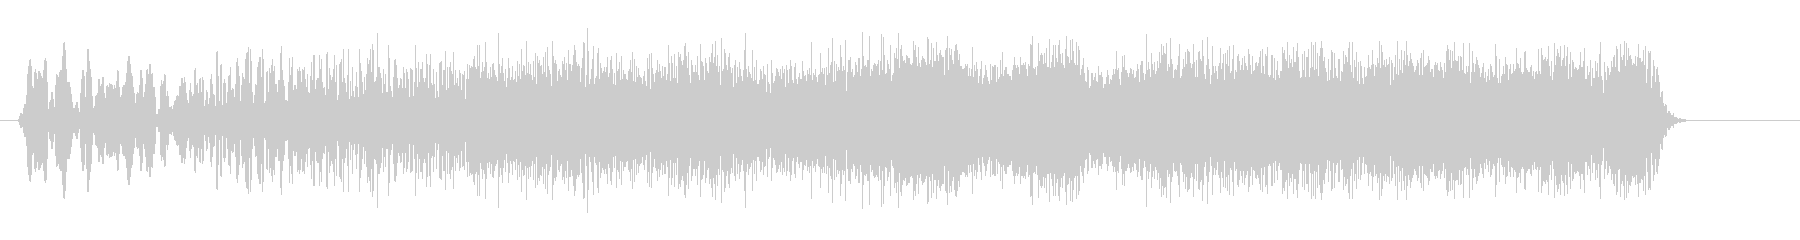 キュワキュワーン(アップ系)の未再生の波形